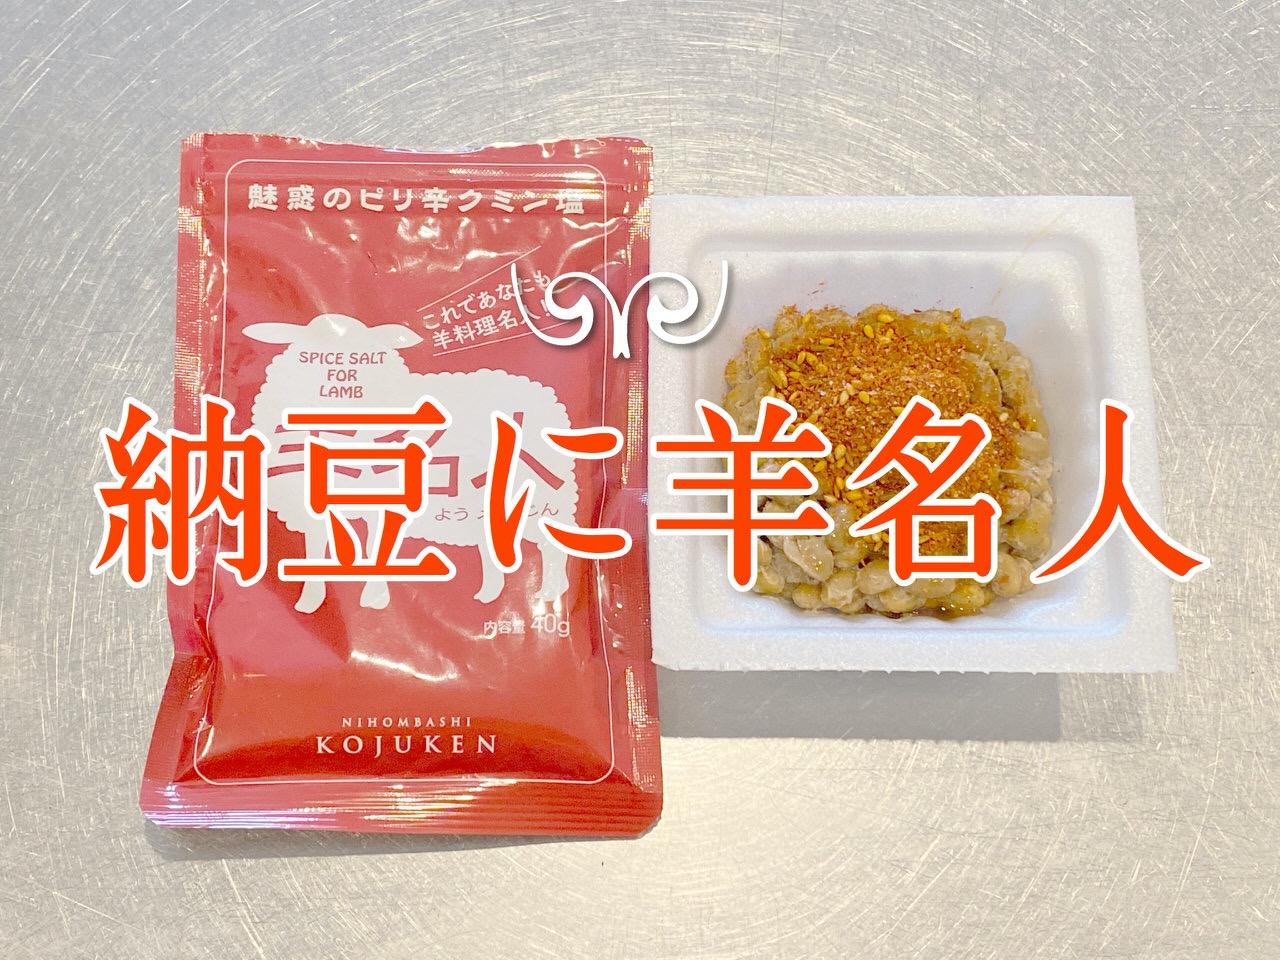 納豆にピリ辛クミン塩「羊名人」をたっぷり入れて食べてみた